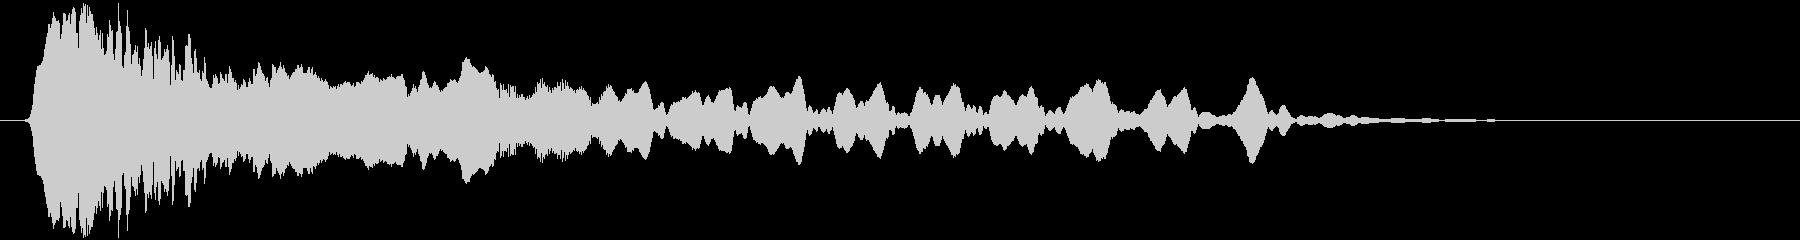 トンビ(トビ、鳶)ヒィーョロロロの未再生の波形